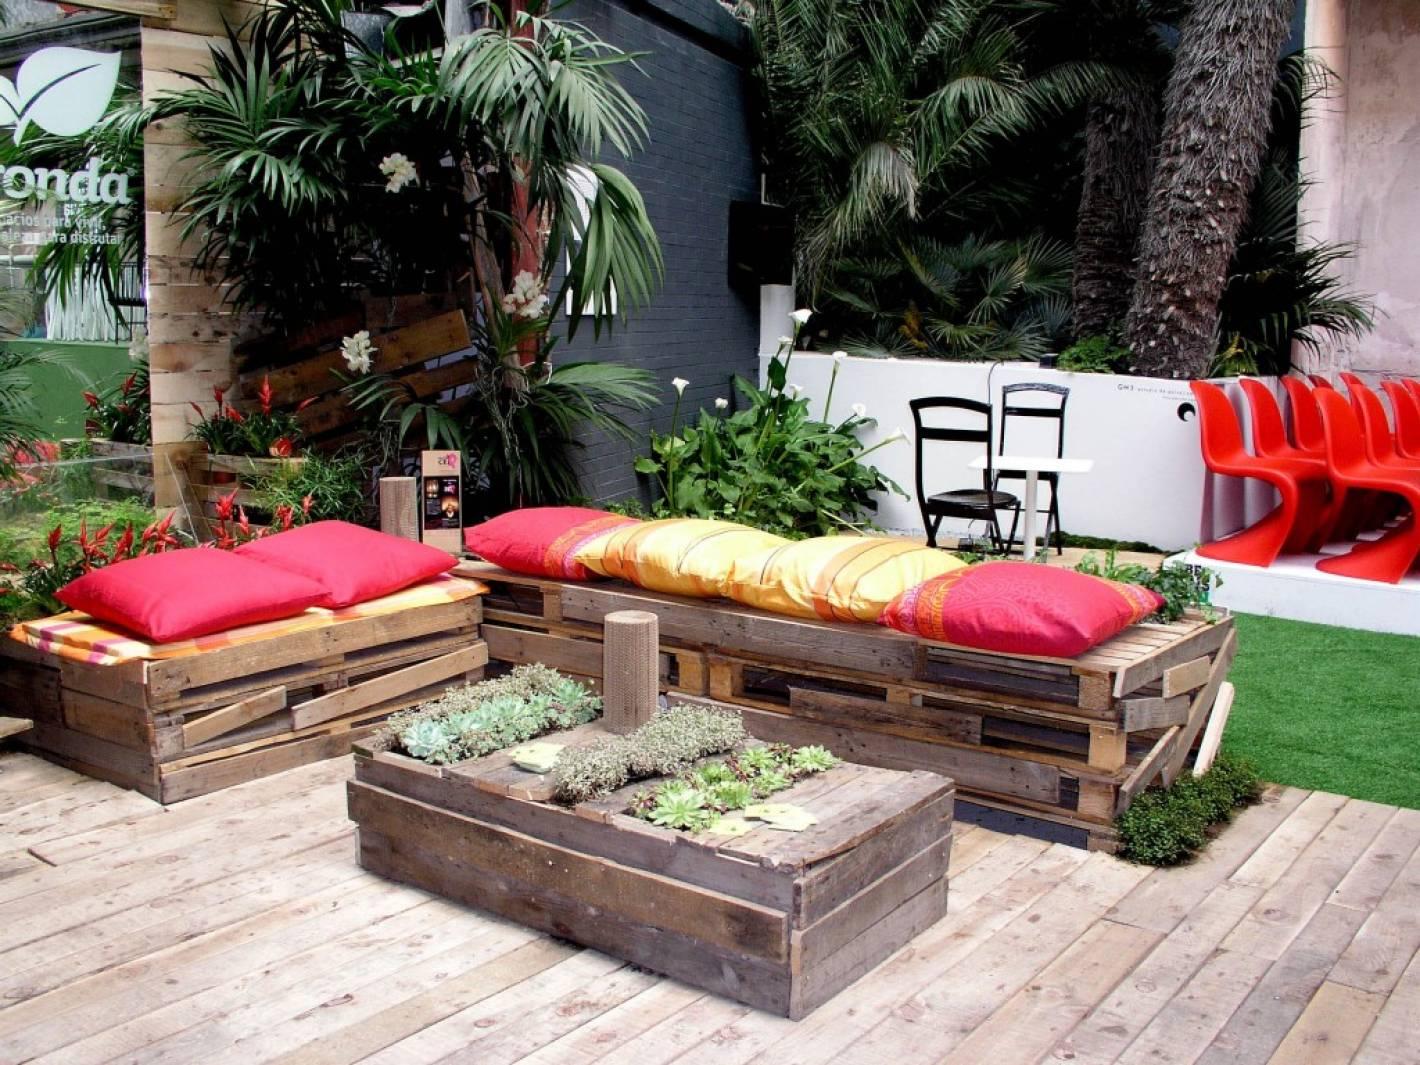 Tendencia c mo realizar tus propios muebles con palets - Palets muebles reciclados ...